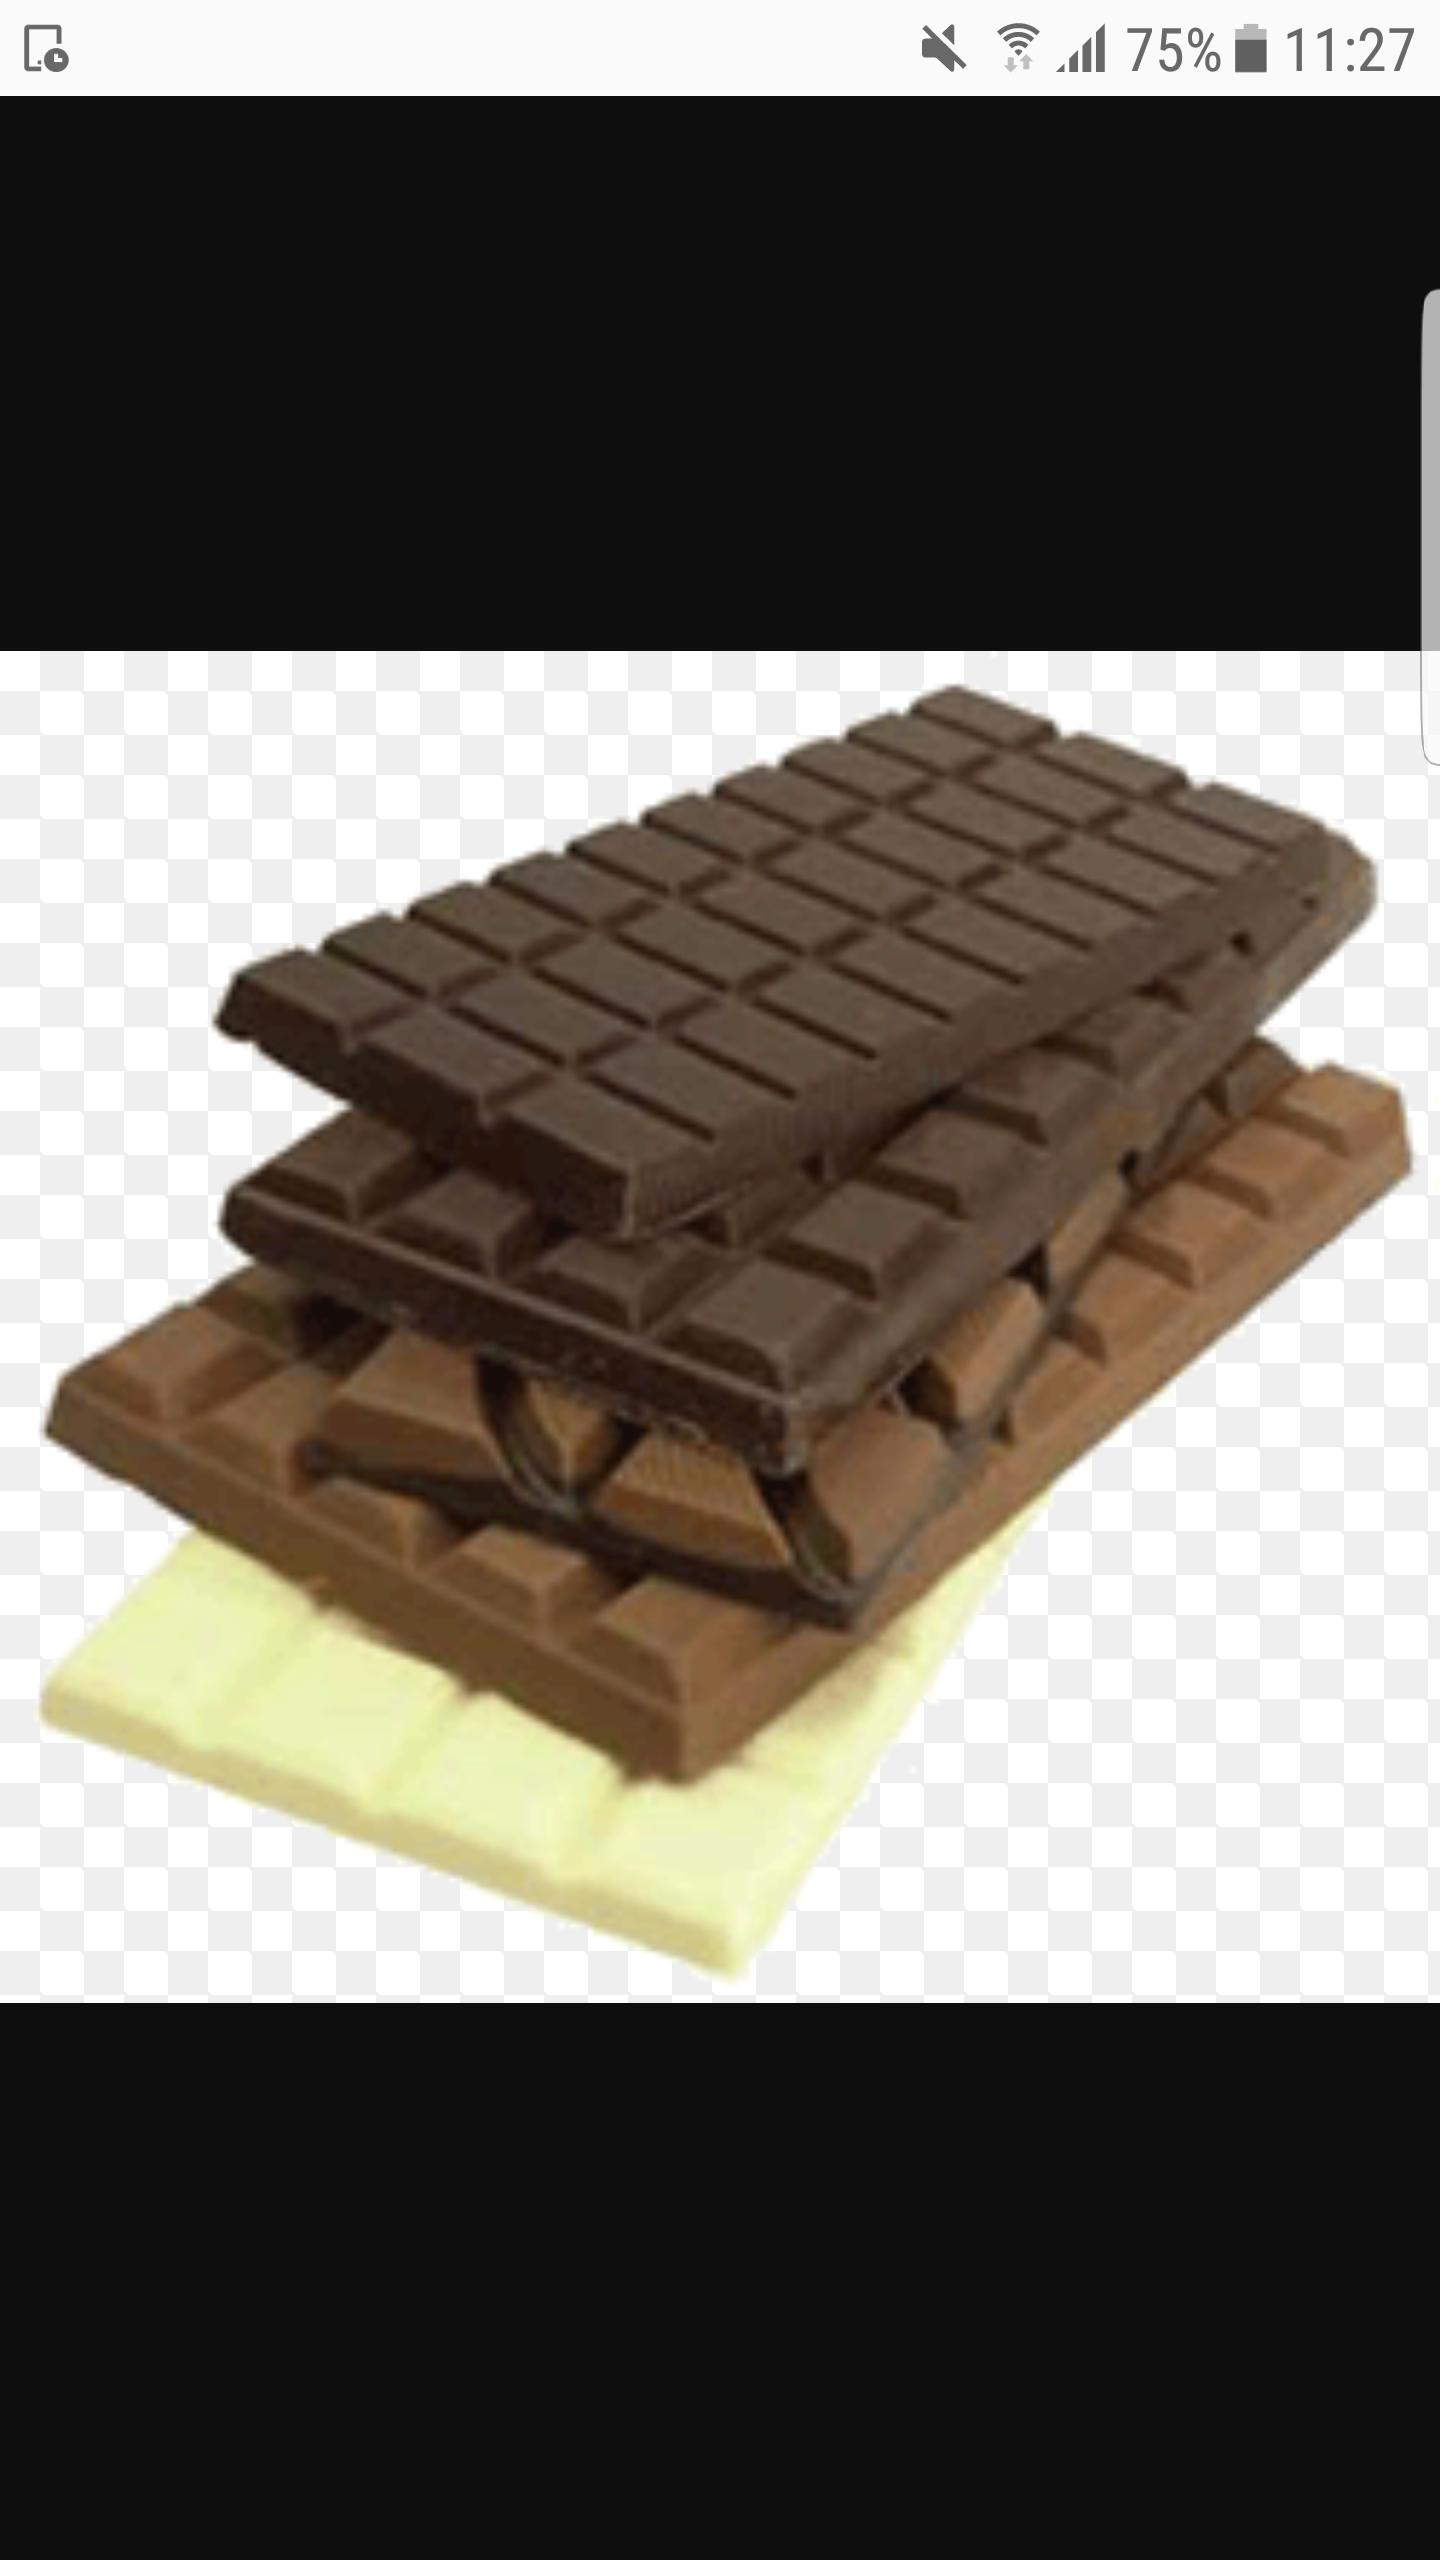 5 verkade chocoladerepen voor €2 @ Dirk